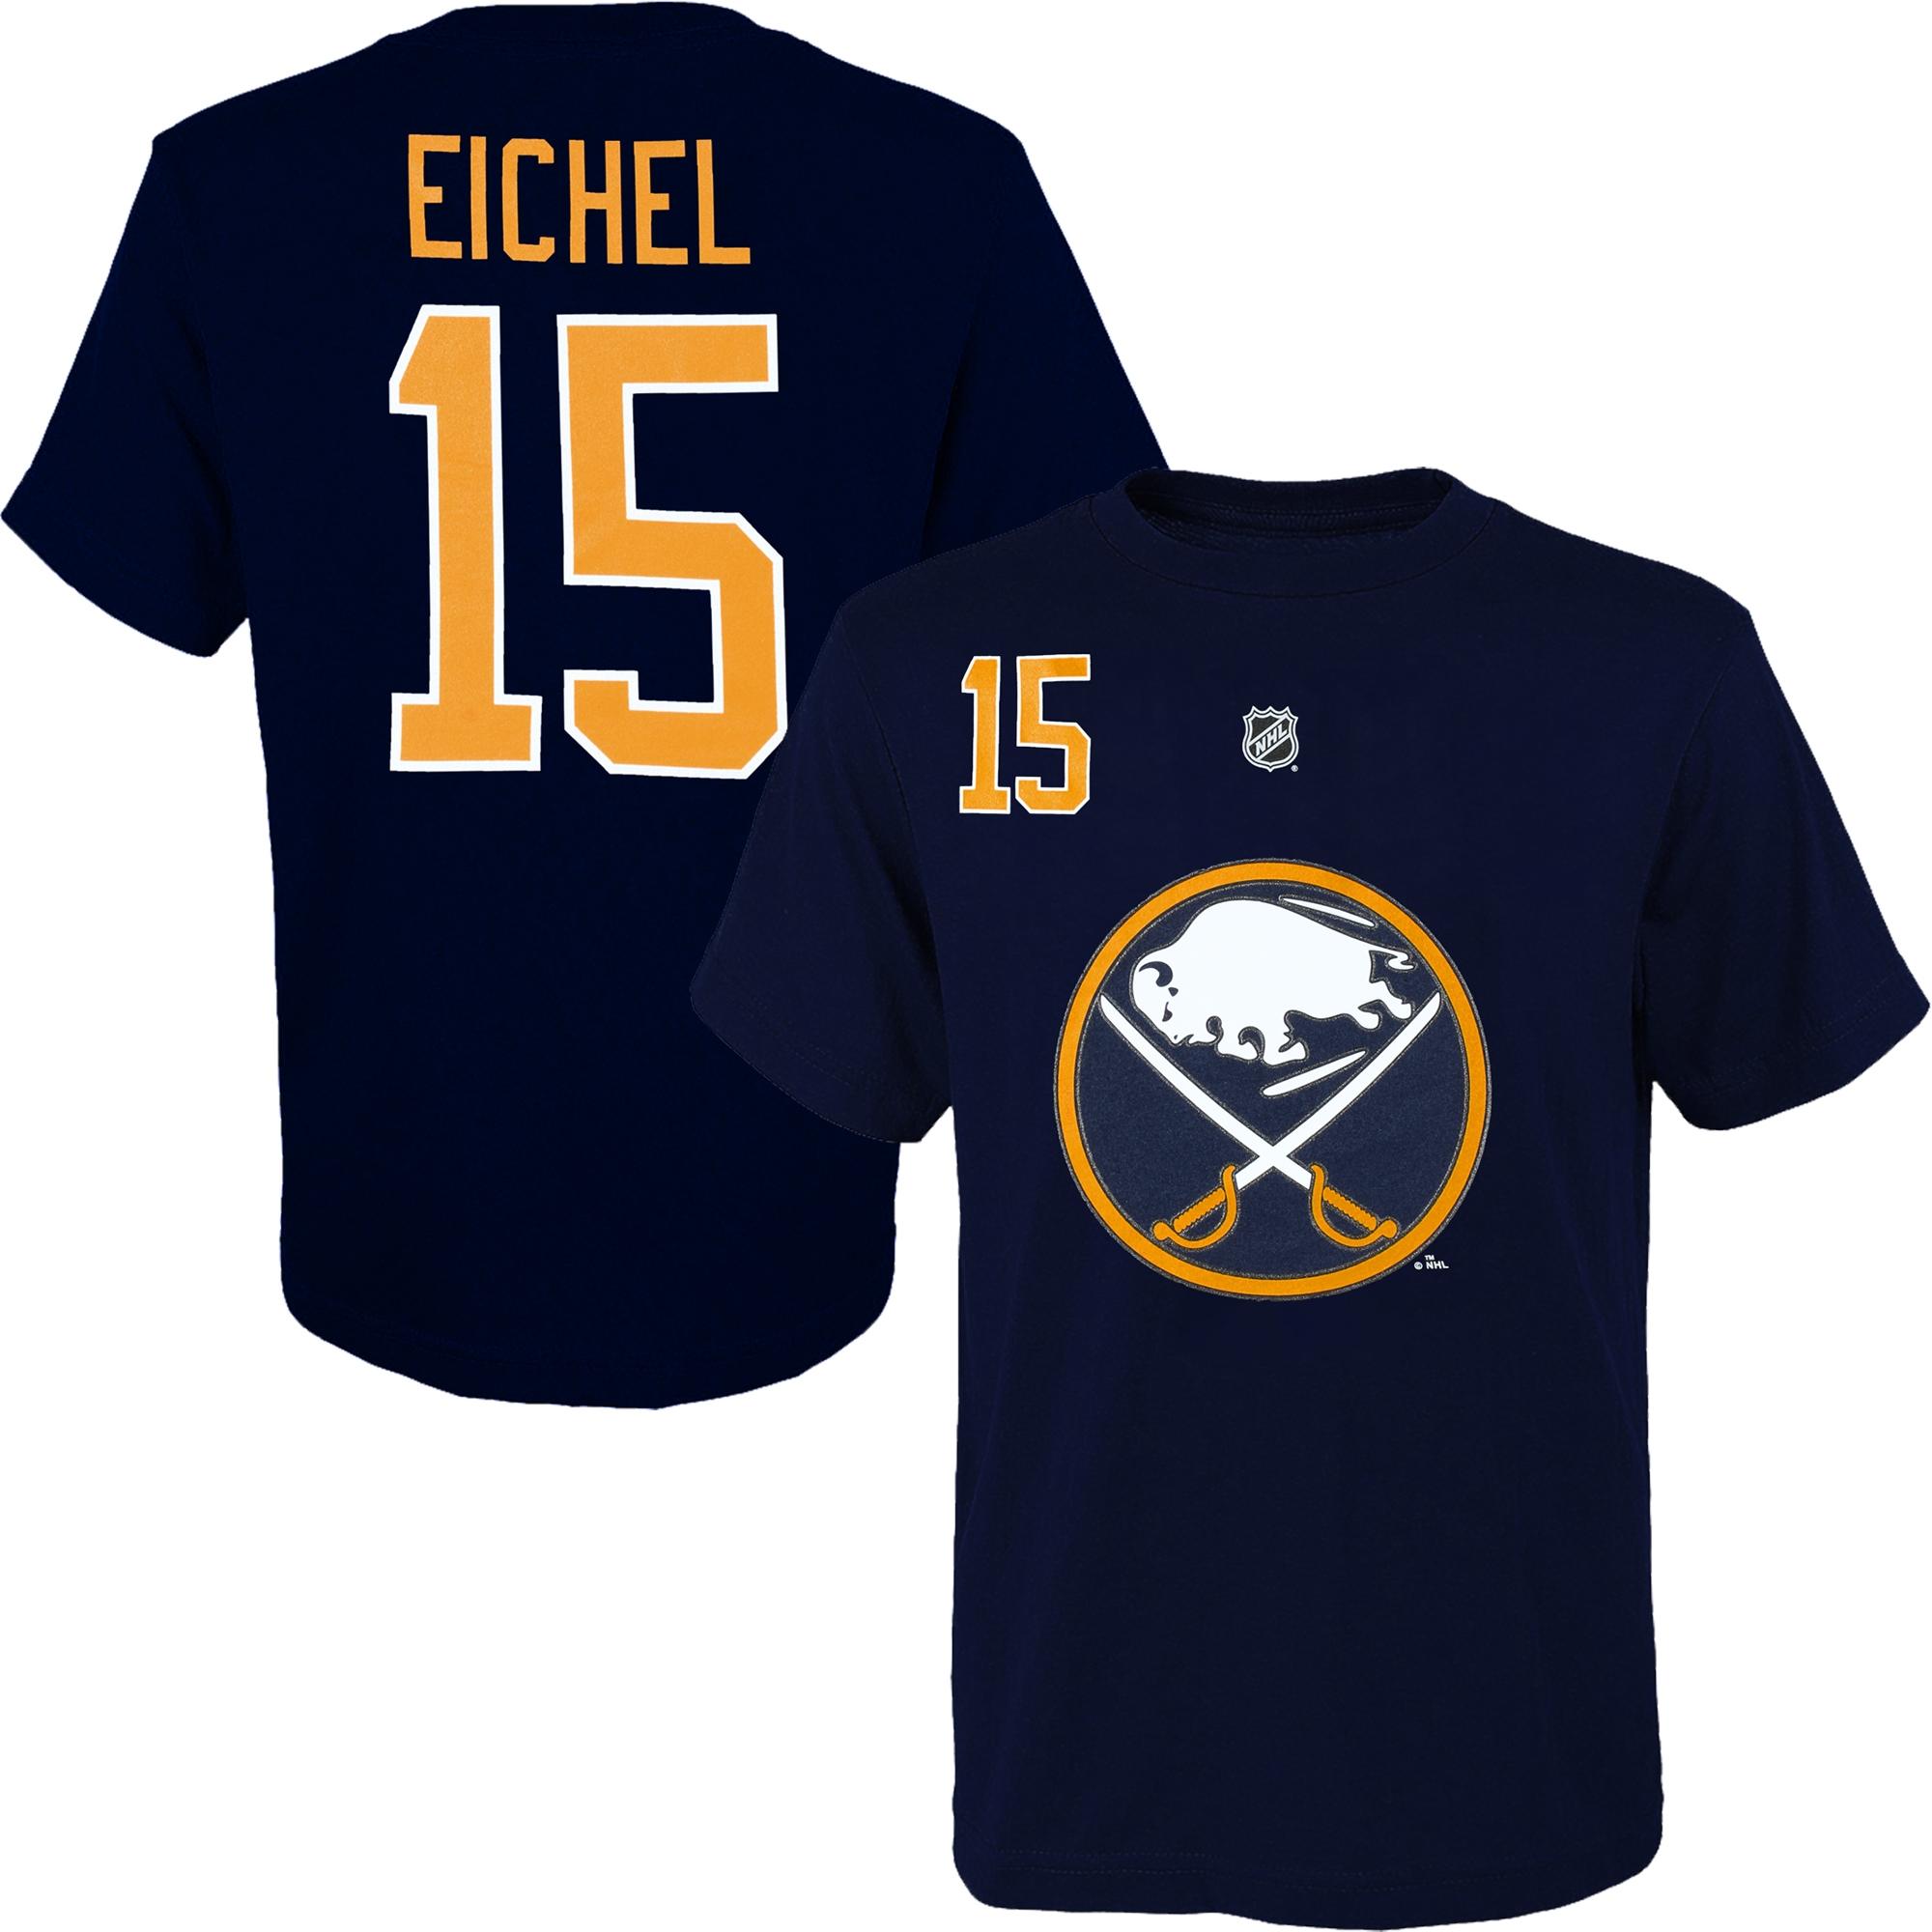 Reebok Dětské tričko Jack Eichel Buffalo Sabres NHL Name & Number Velikost: Dětské M (9 - 11 let)